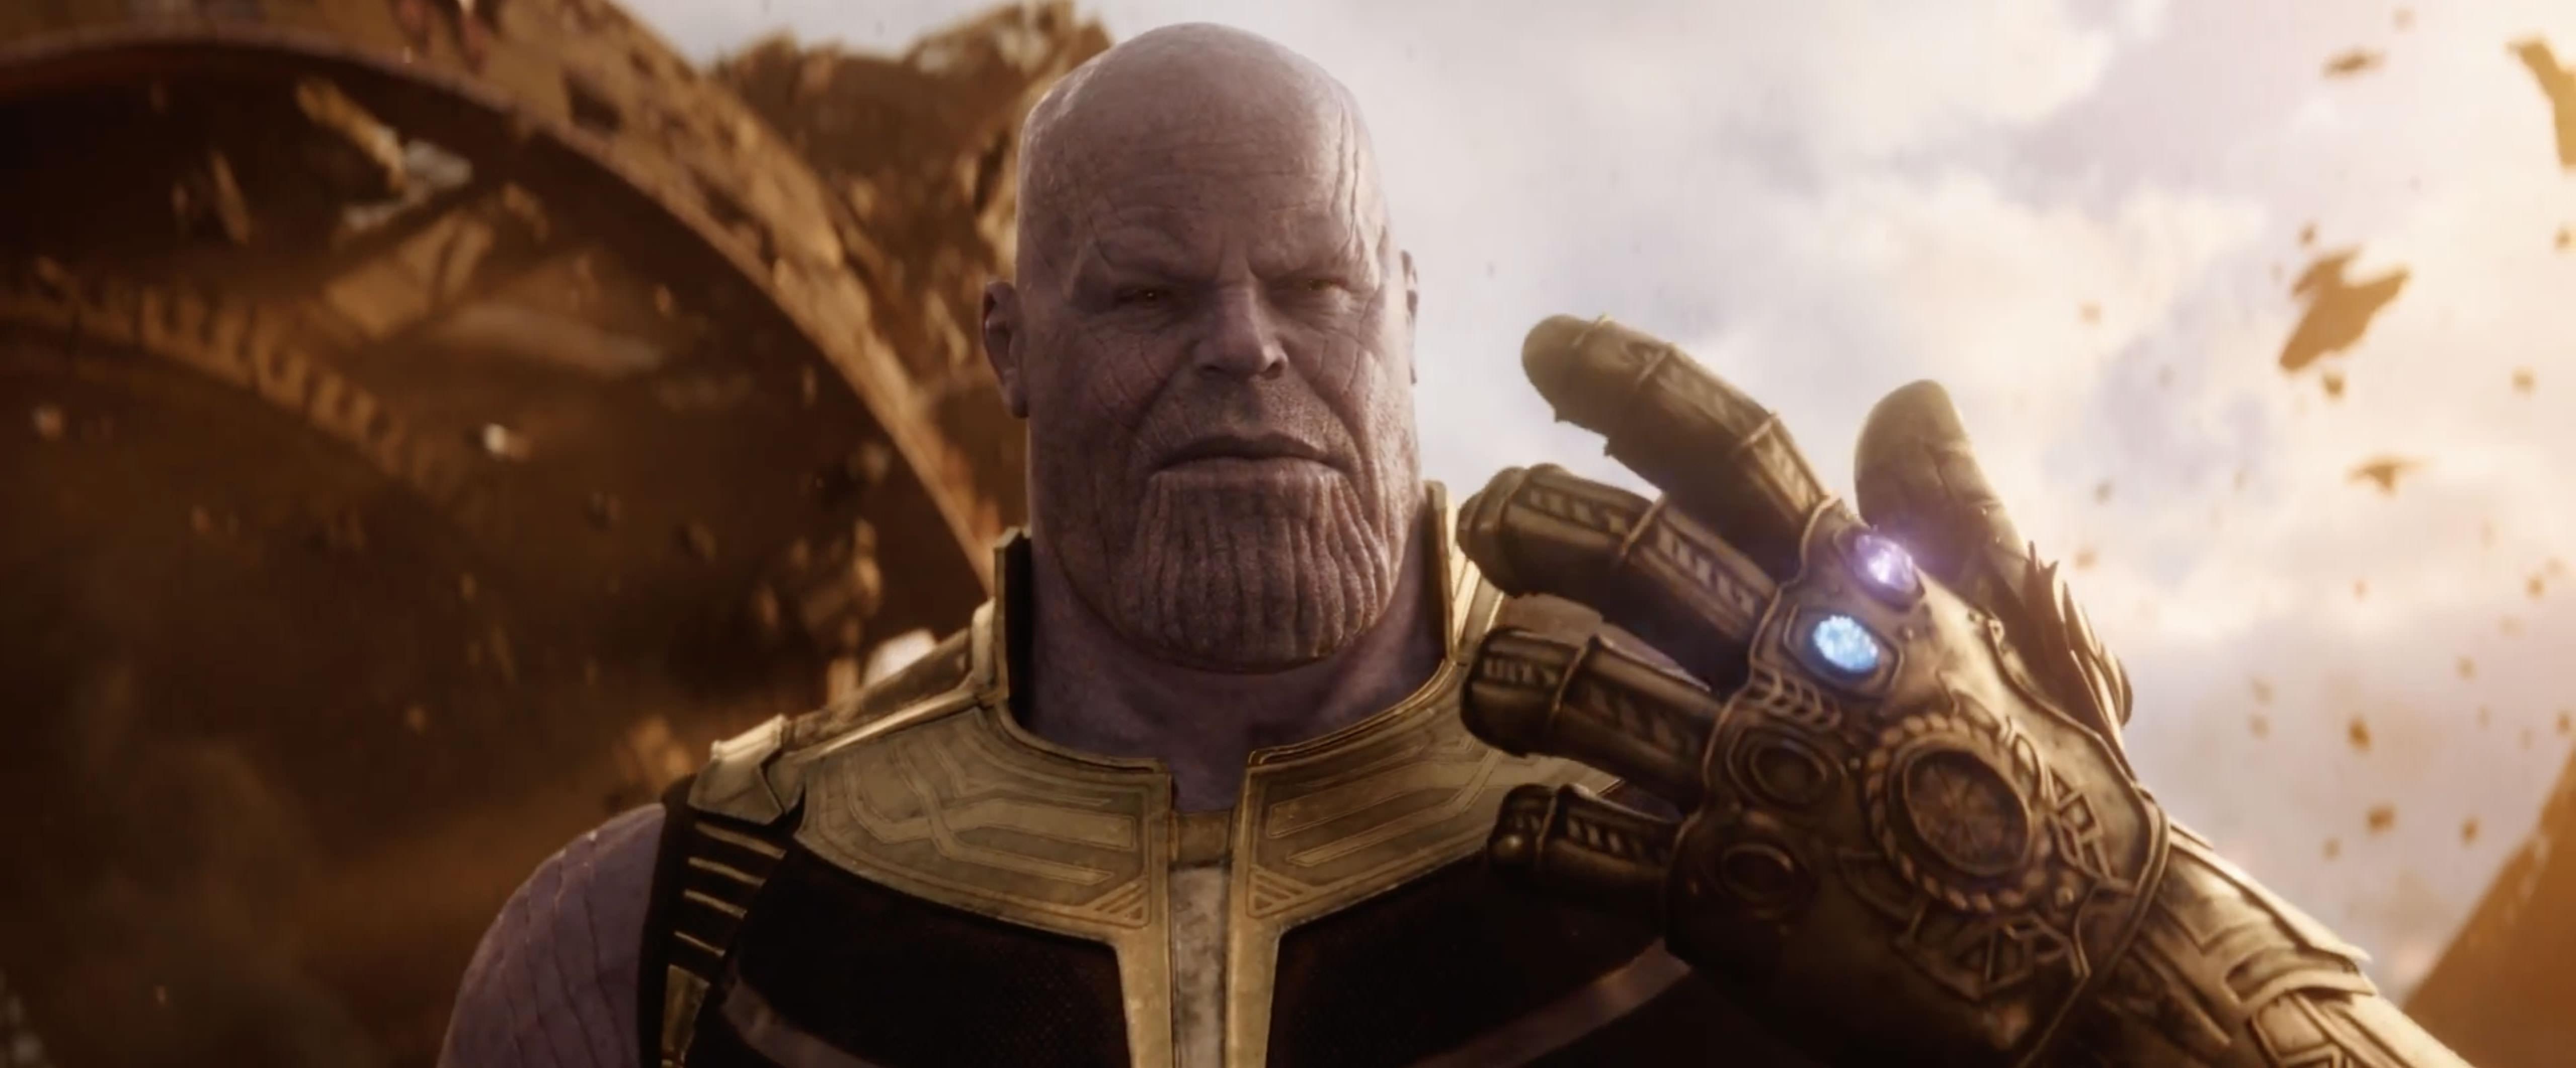 La llegada del Titán: Crítica de Avengers: Infinity War – NegroWhite